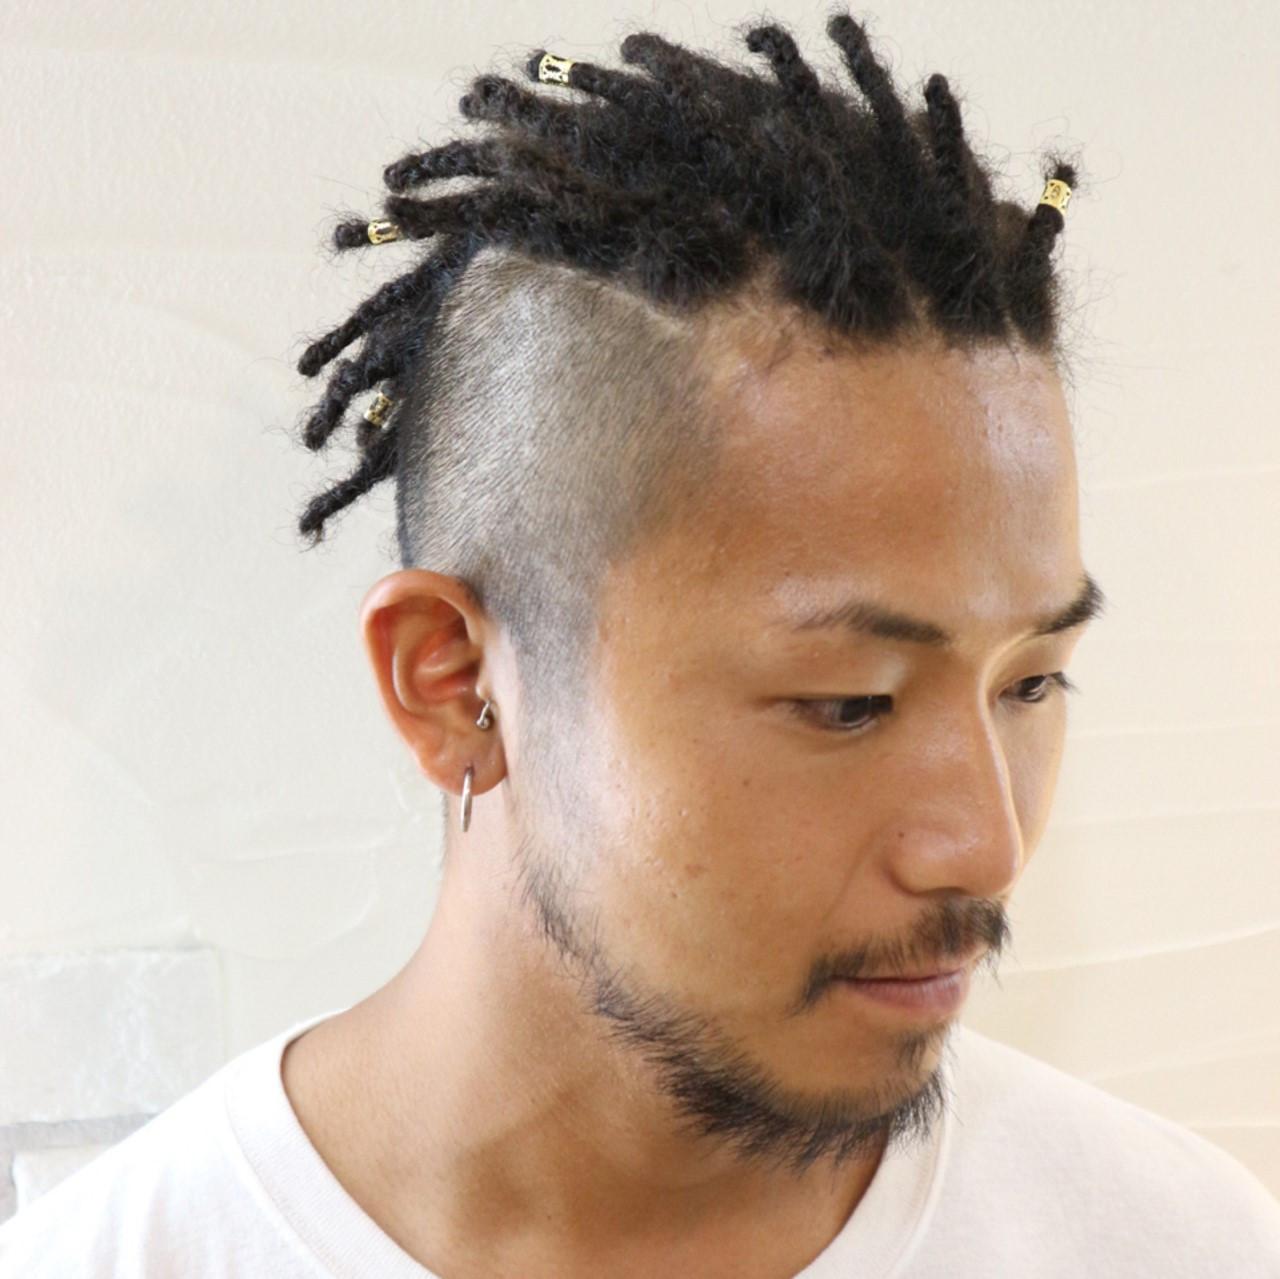 個性的な髪形で人気ドレッドヘアーとは|やり方・手入れ方法などを紹介